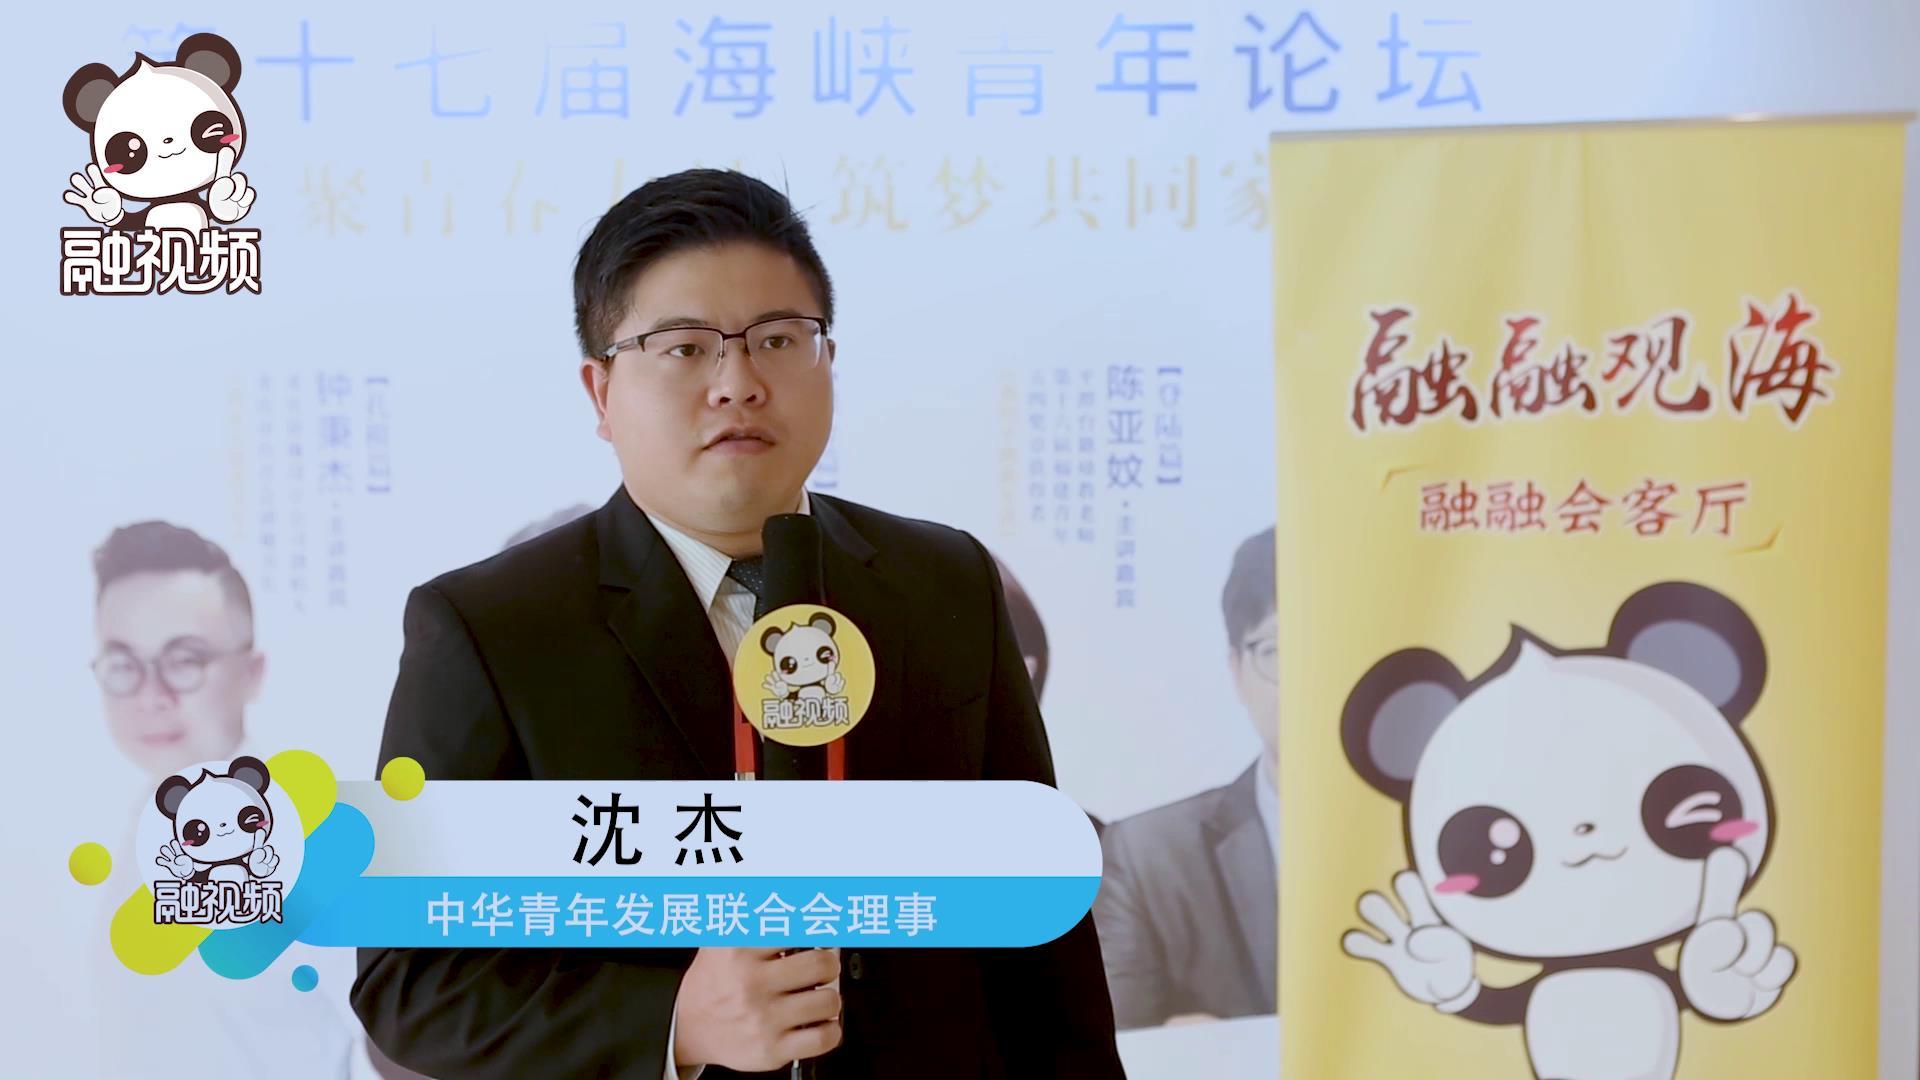 在?#26412;?#20570;调解员的台湾青年:海峡论坛让两岸同胞消除误解图片